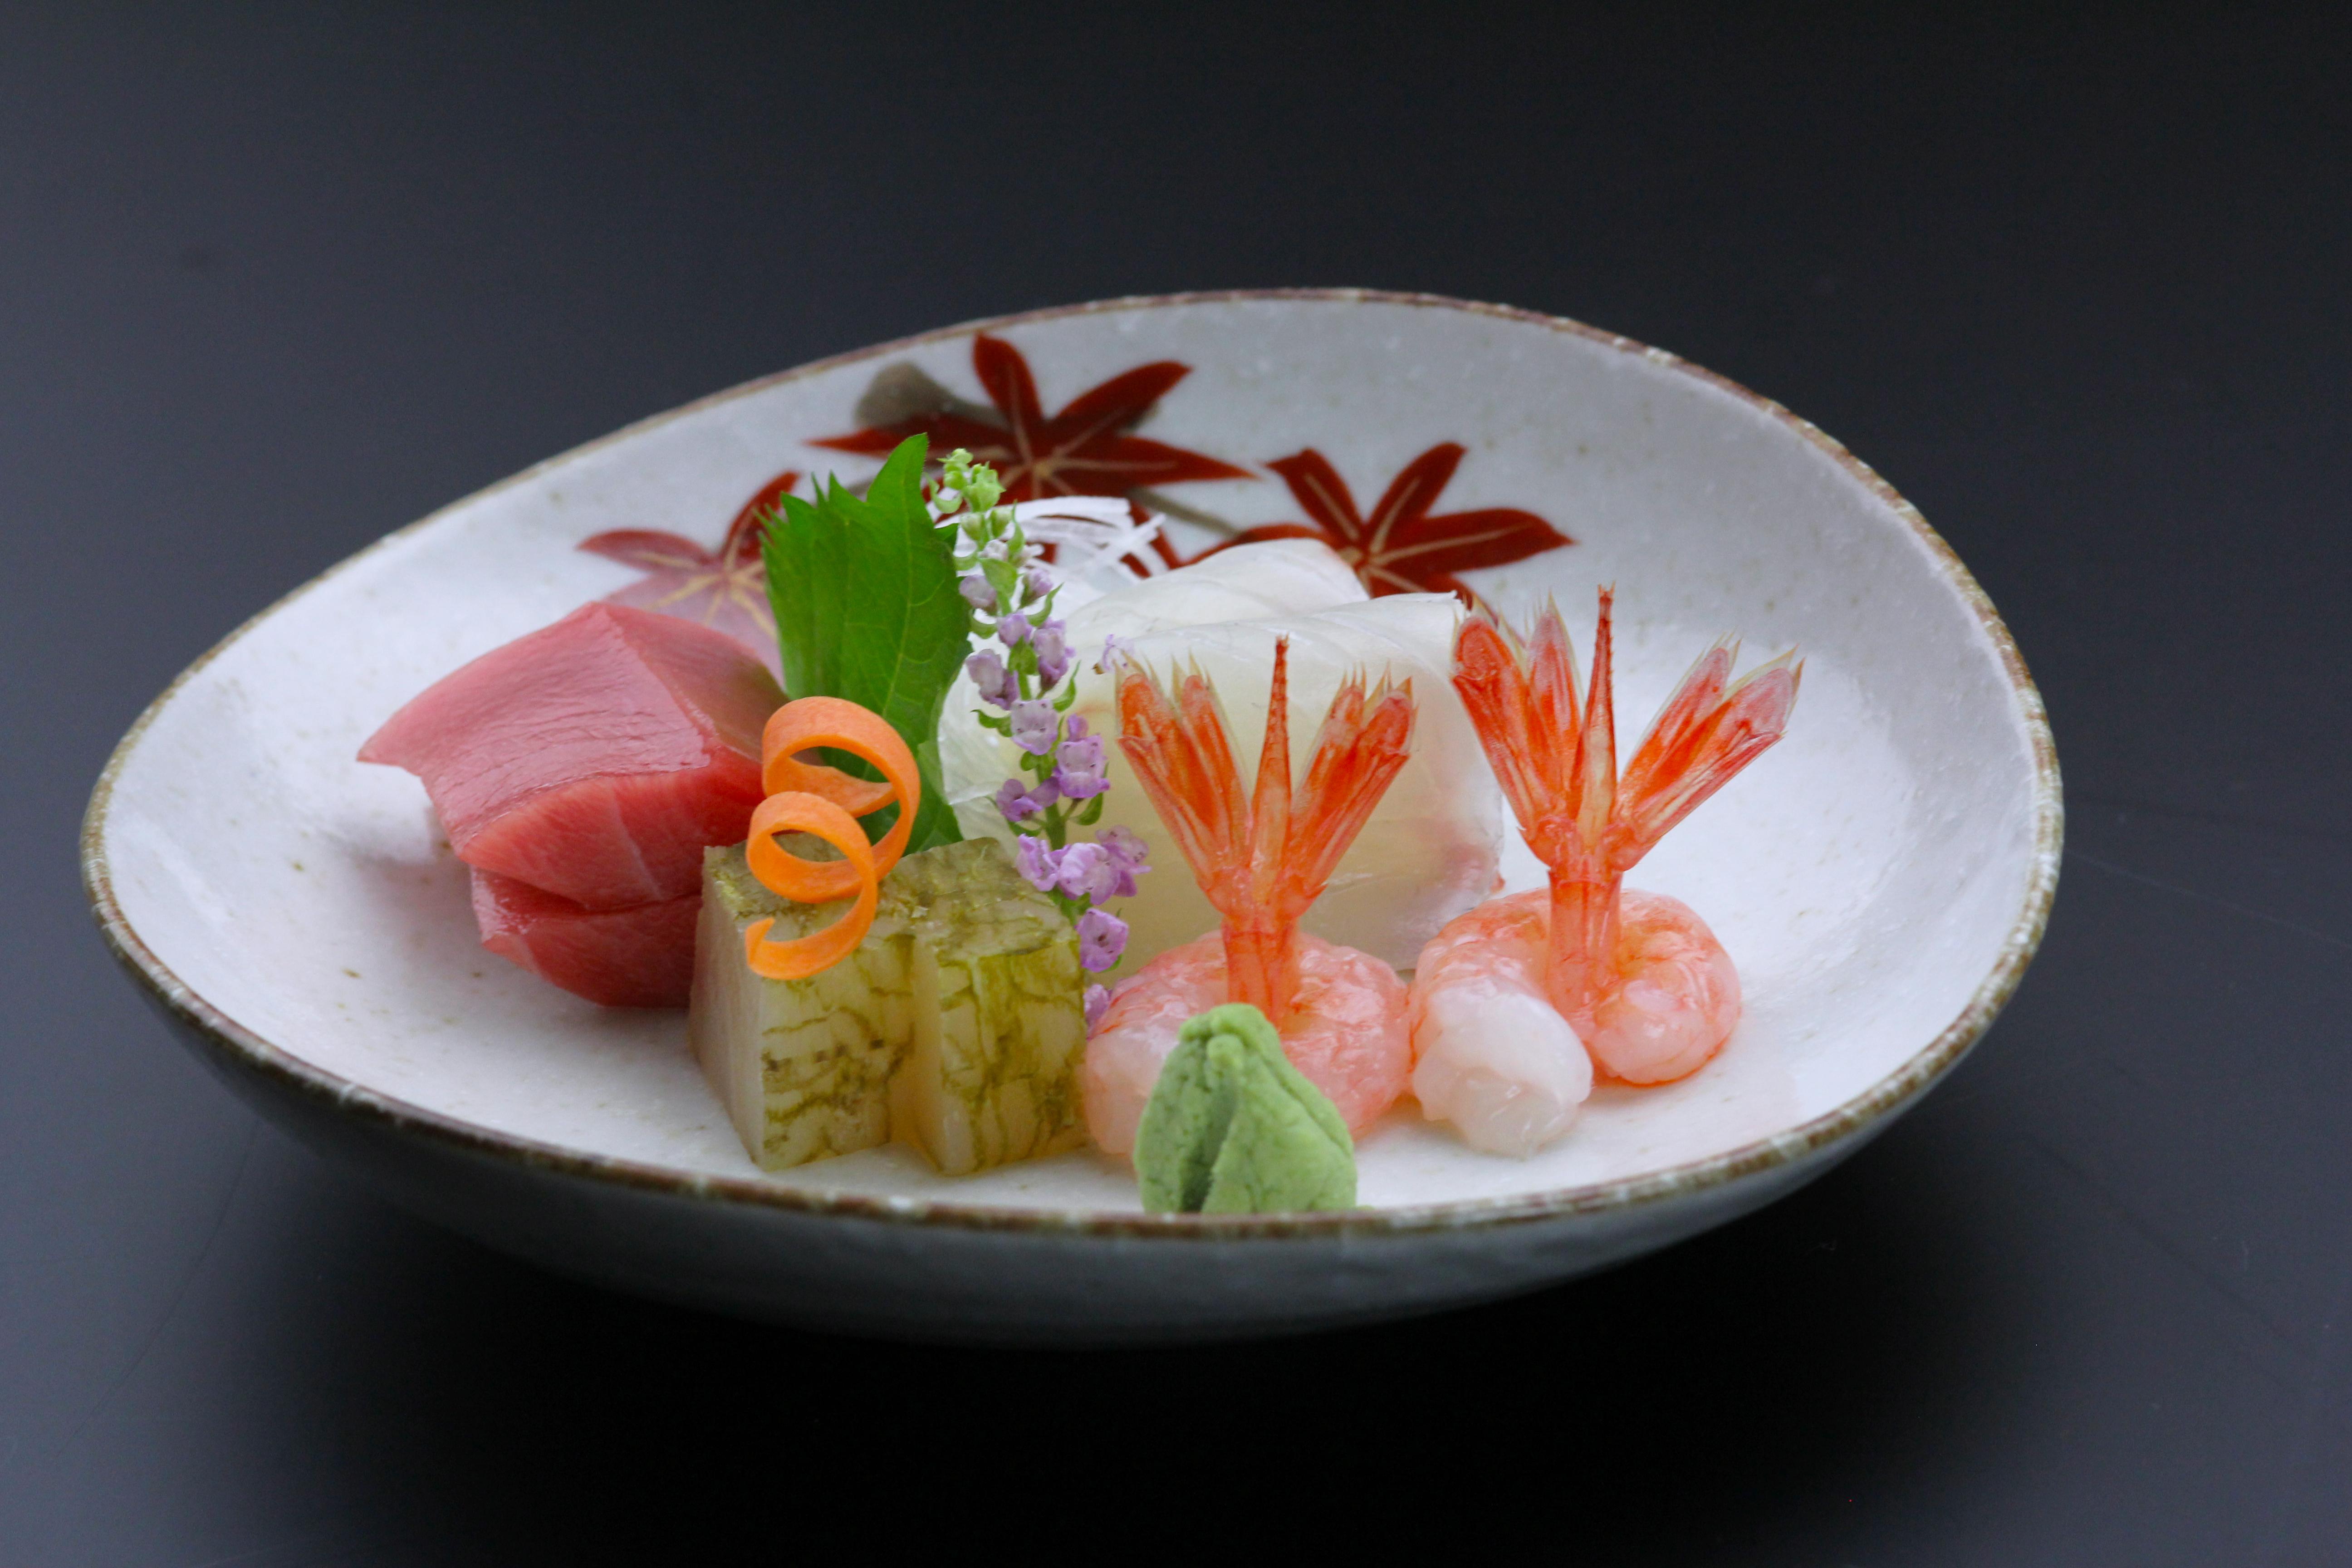 金沢国際ホテル 加賀料理「加能」 顔合わせ・結納の料理 3